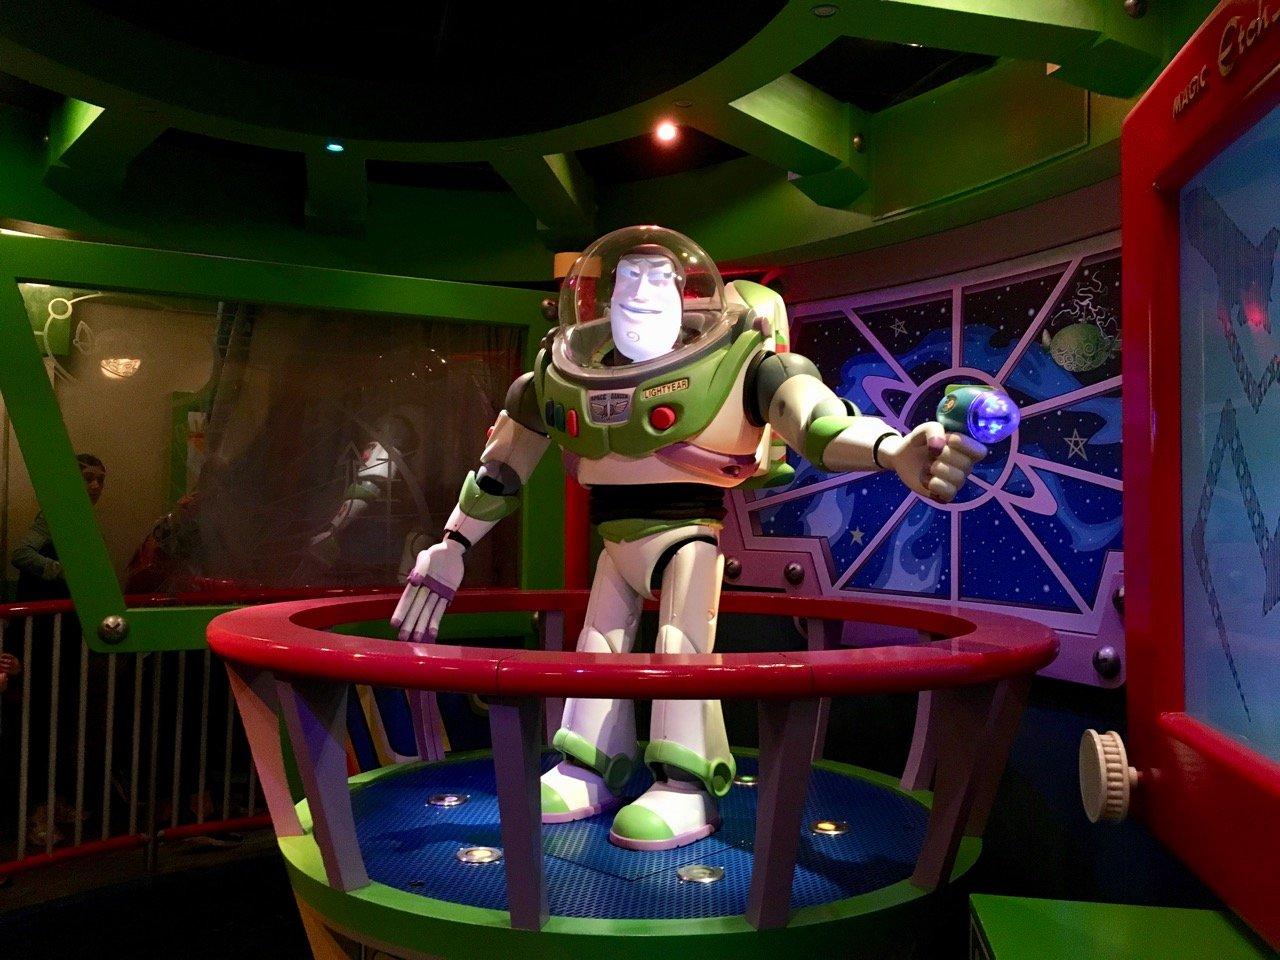 Bei Buzz Lightyear greift man selbst zu Lasterpistolen